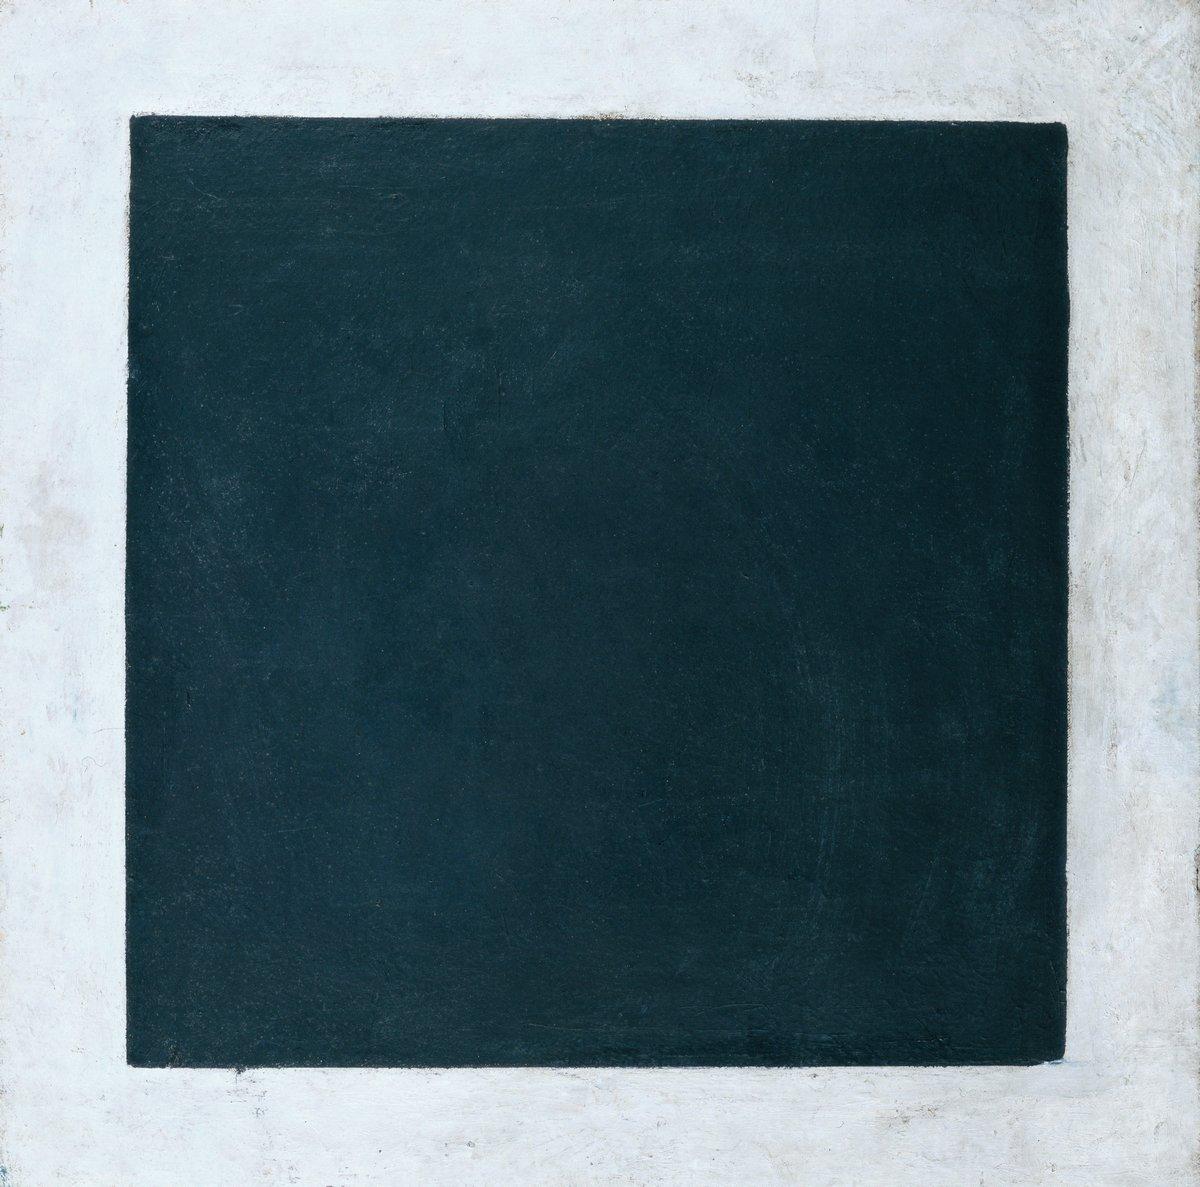 Малевич Казимир, картина Черный квадратМалевич Казимир<br>Репродукция на холсте или бумаге. Любого нужного вам размера. В раме или без. Подвес в комплекте. Трехслойная надежная упаковка. Доставим в любую точку России. Вам осталось только повесить картину на стену!<br>